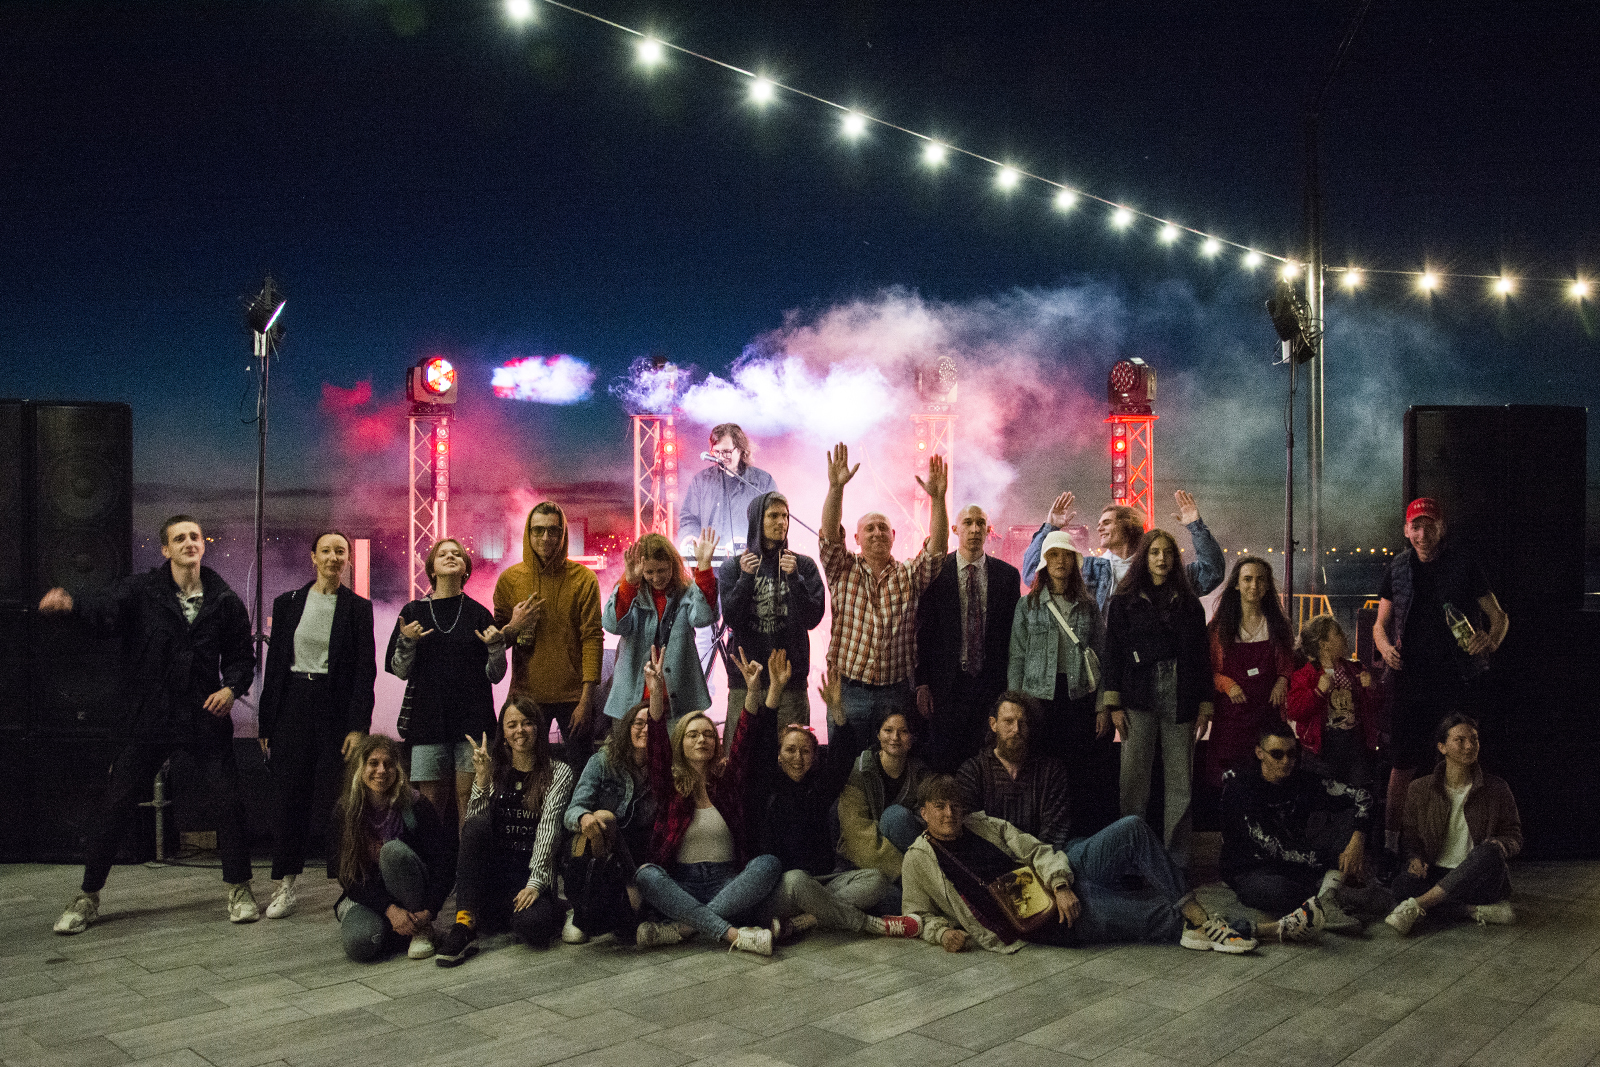 Первый open air в Николаеве в 2021 году: Mykolaiv ART Week завершился музыкальным концертом на *8 ПРИЧАЛе